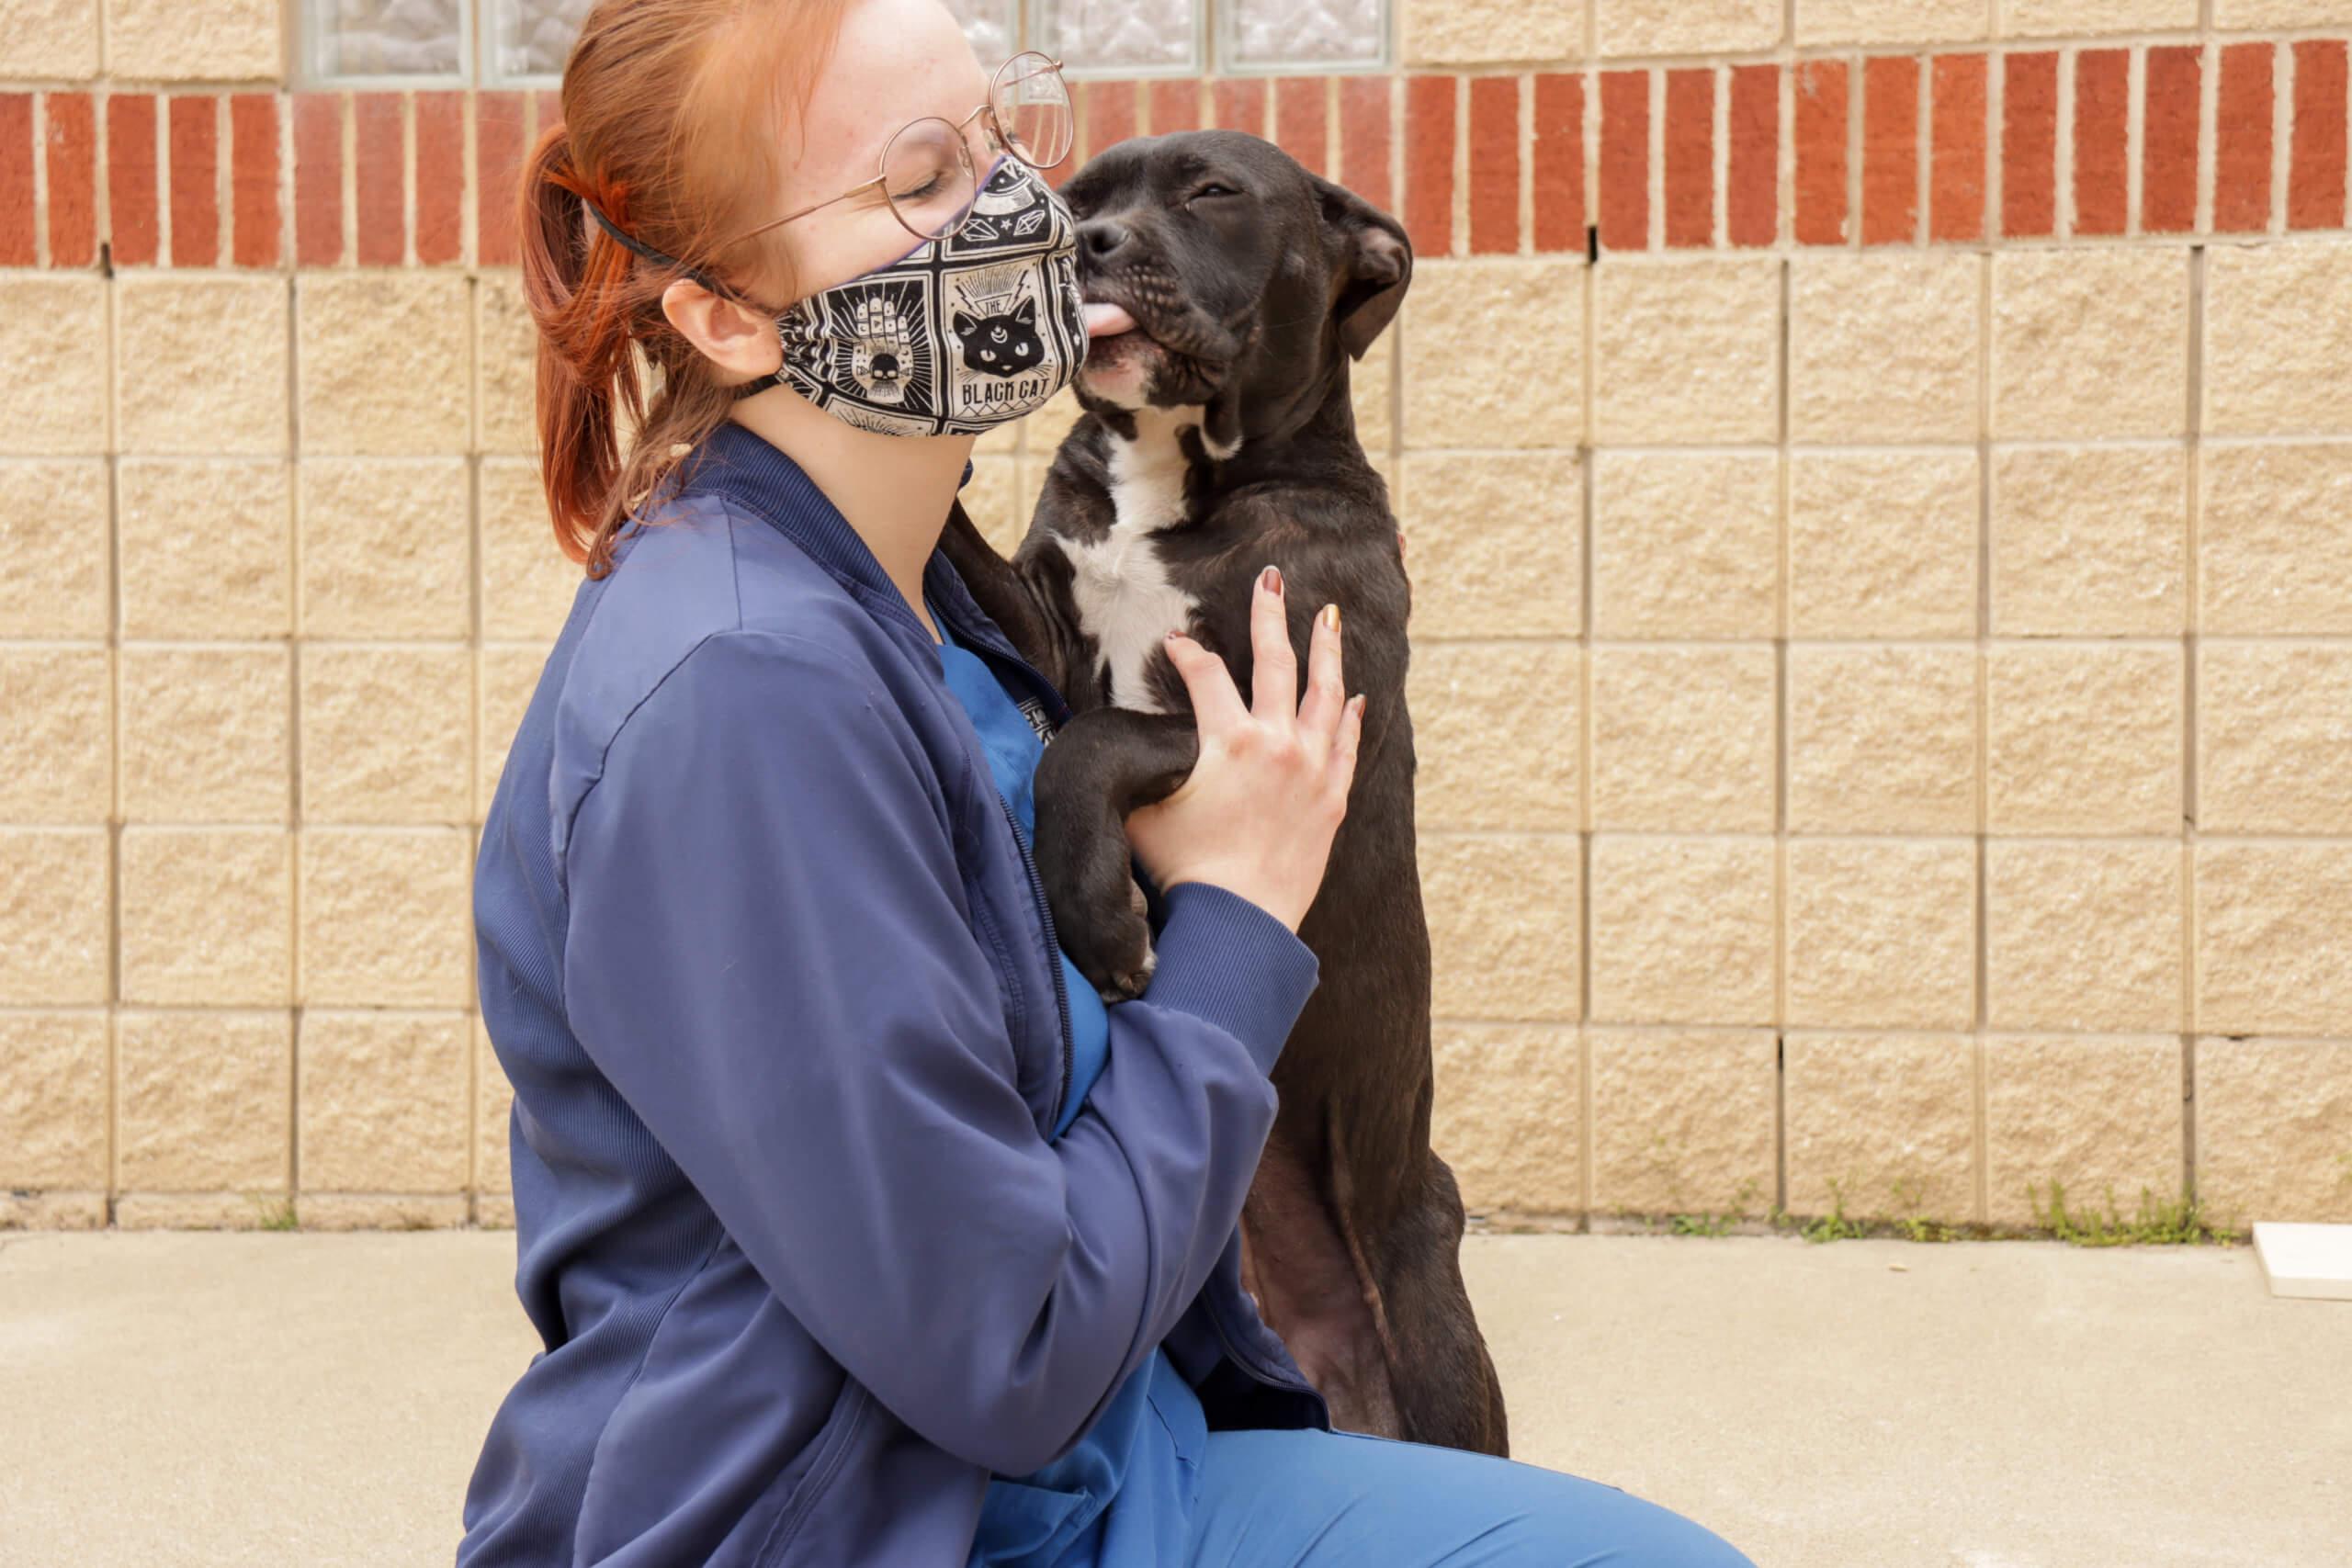 Dog licks woman.